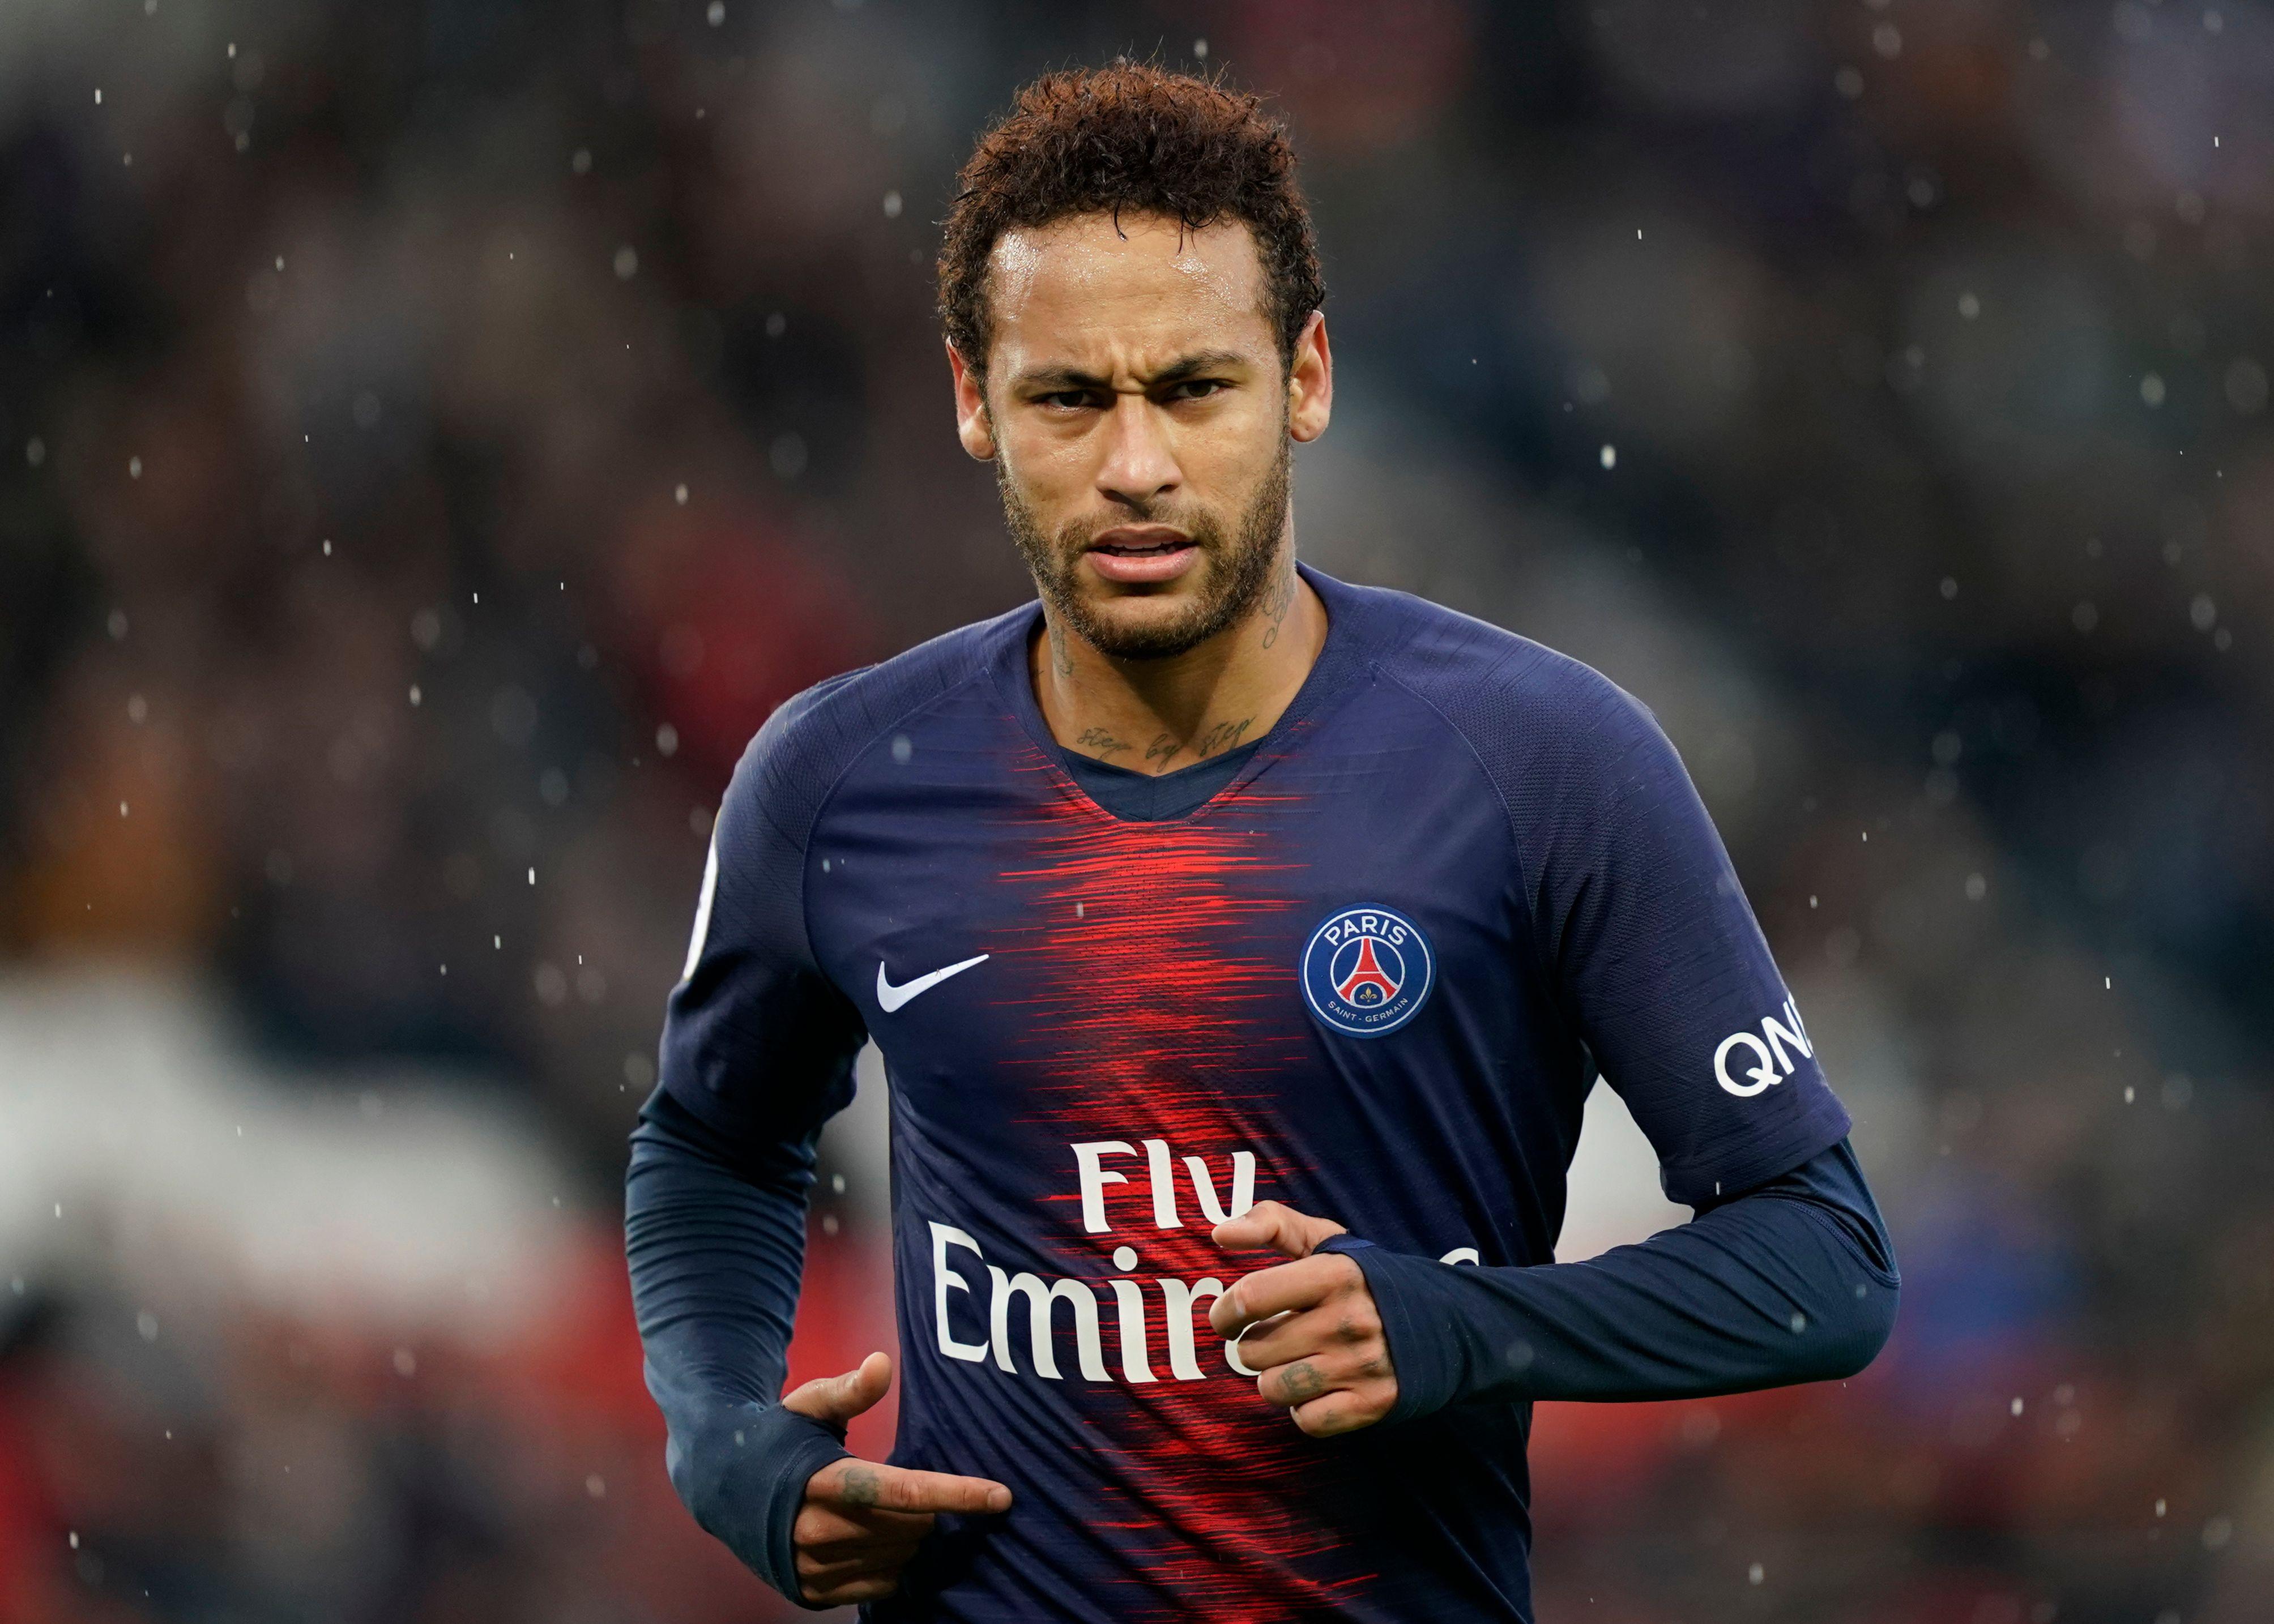 Football - Transferts - Neymar, beaucoup de bruit... pour rien (vidéo)